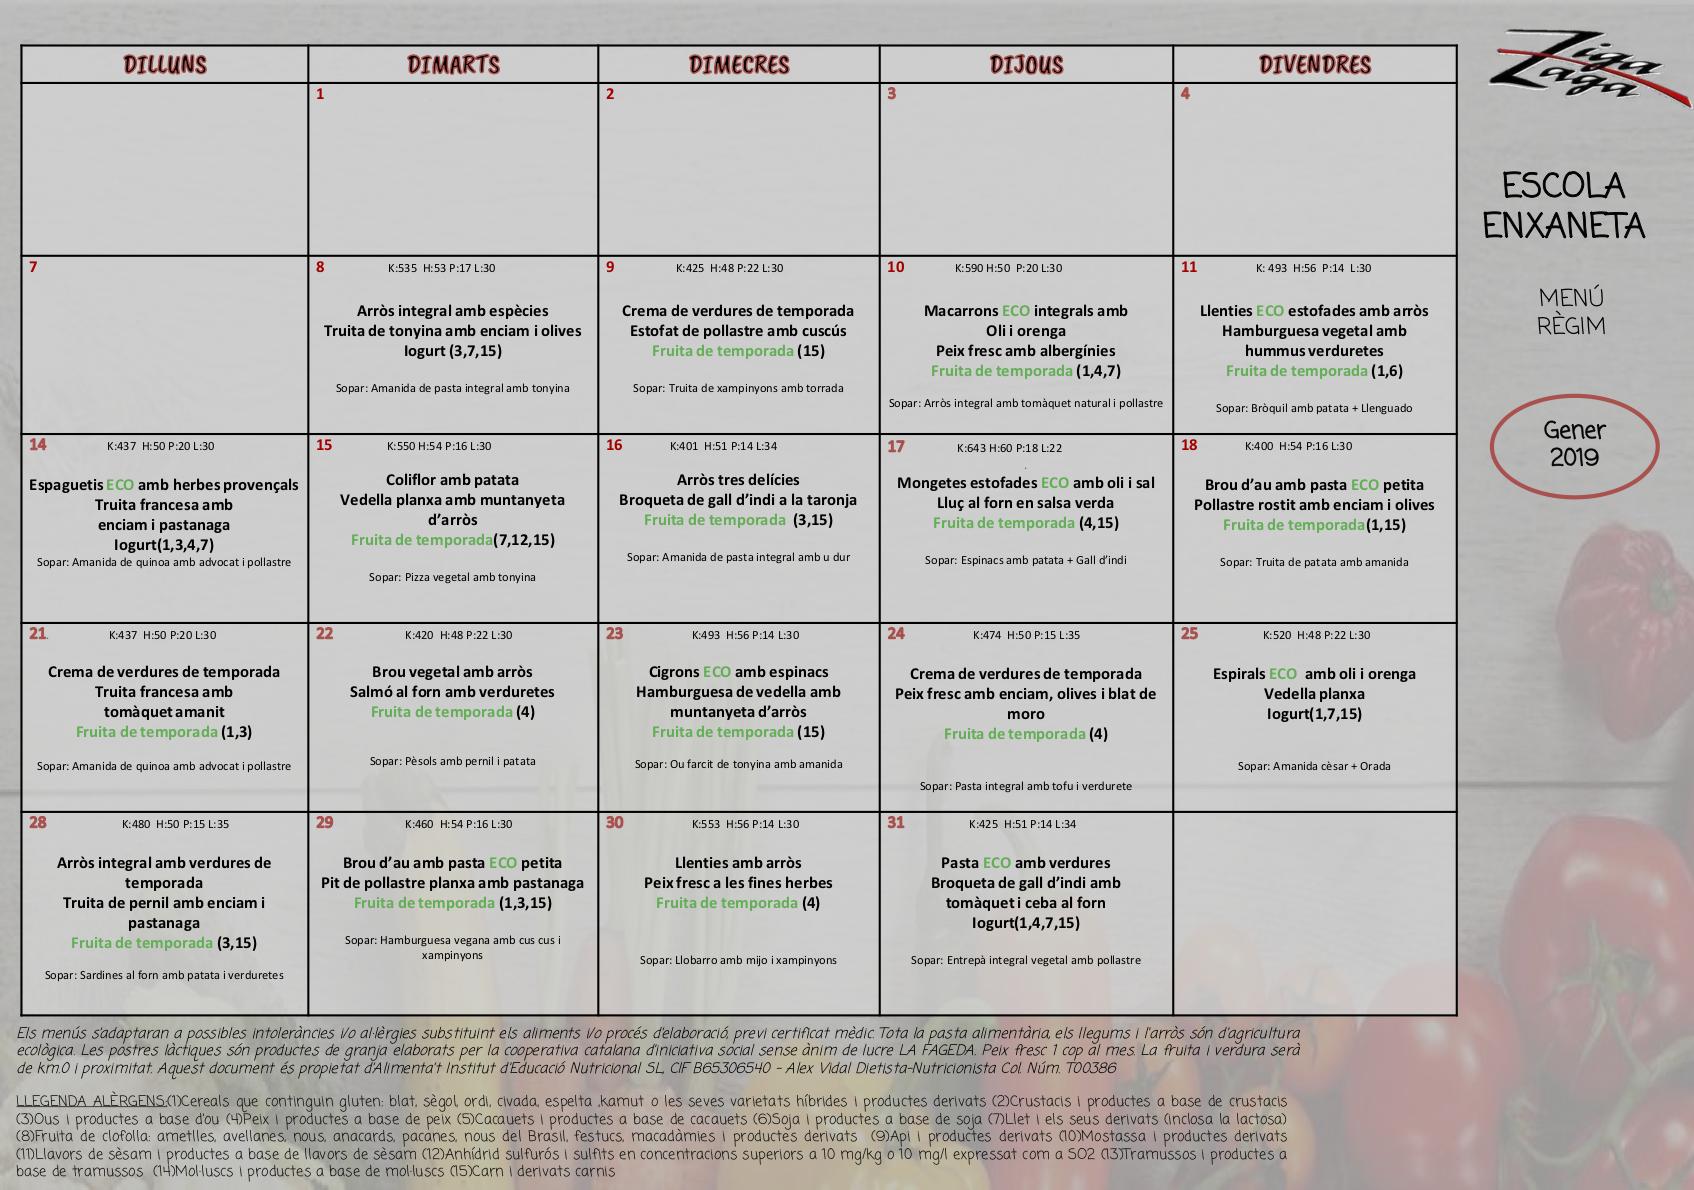 menu-gener-enxaneta-regim